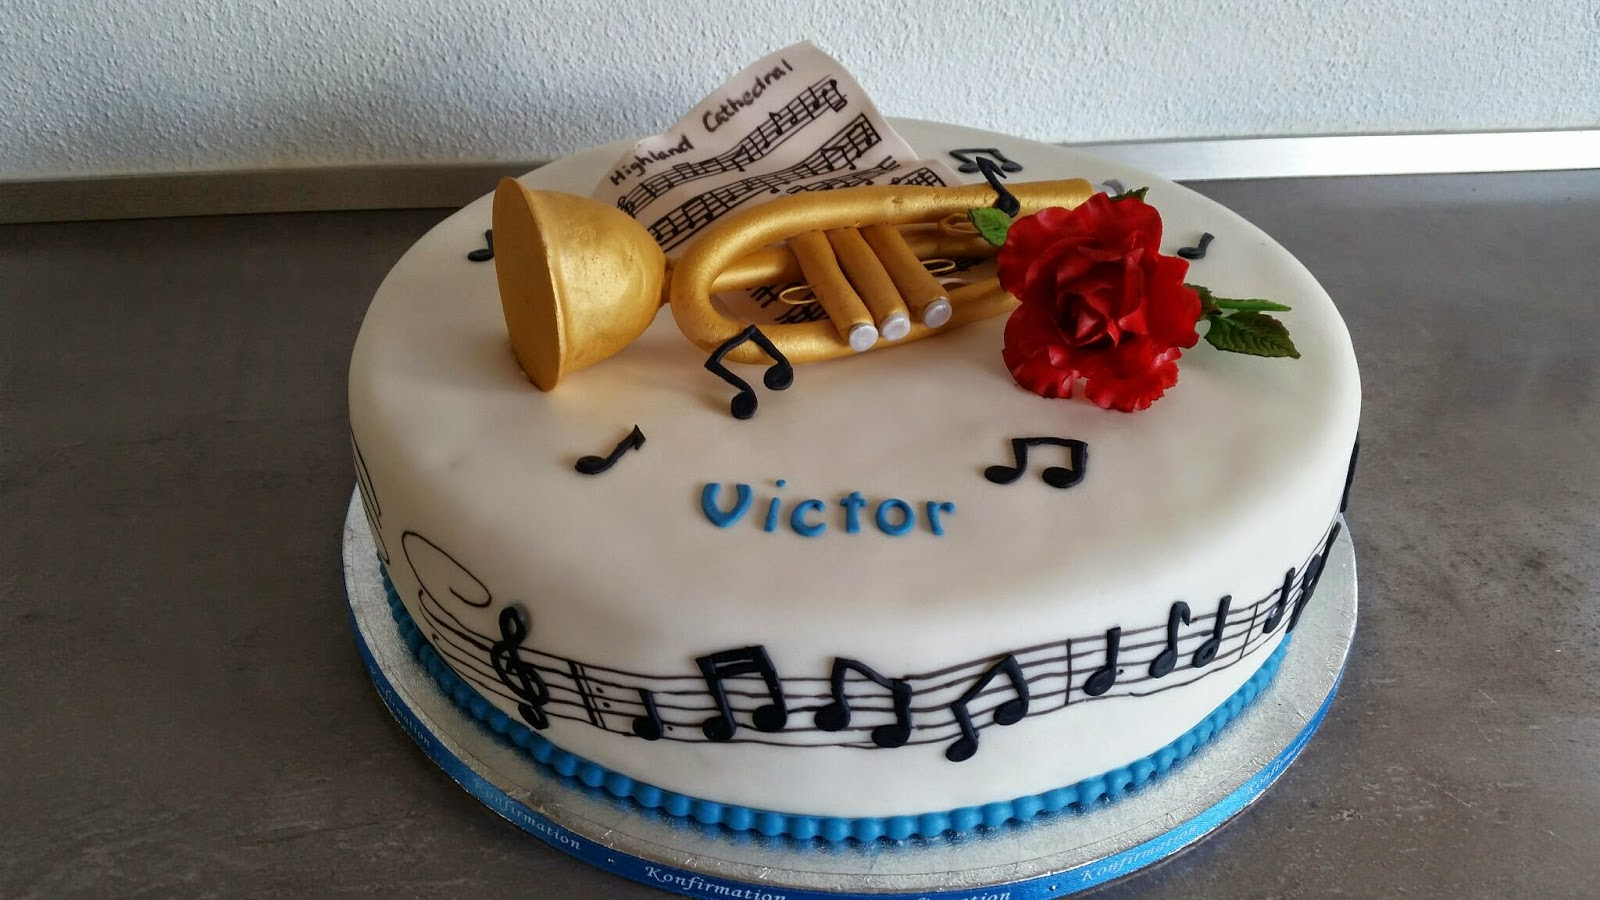 alle elsker victor